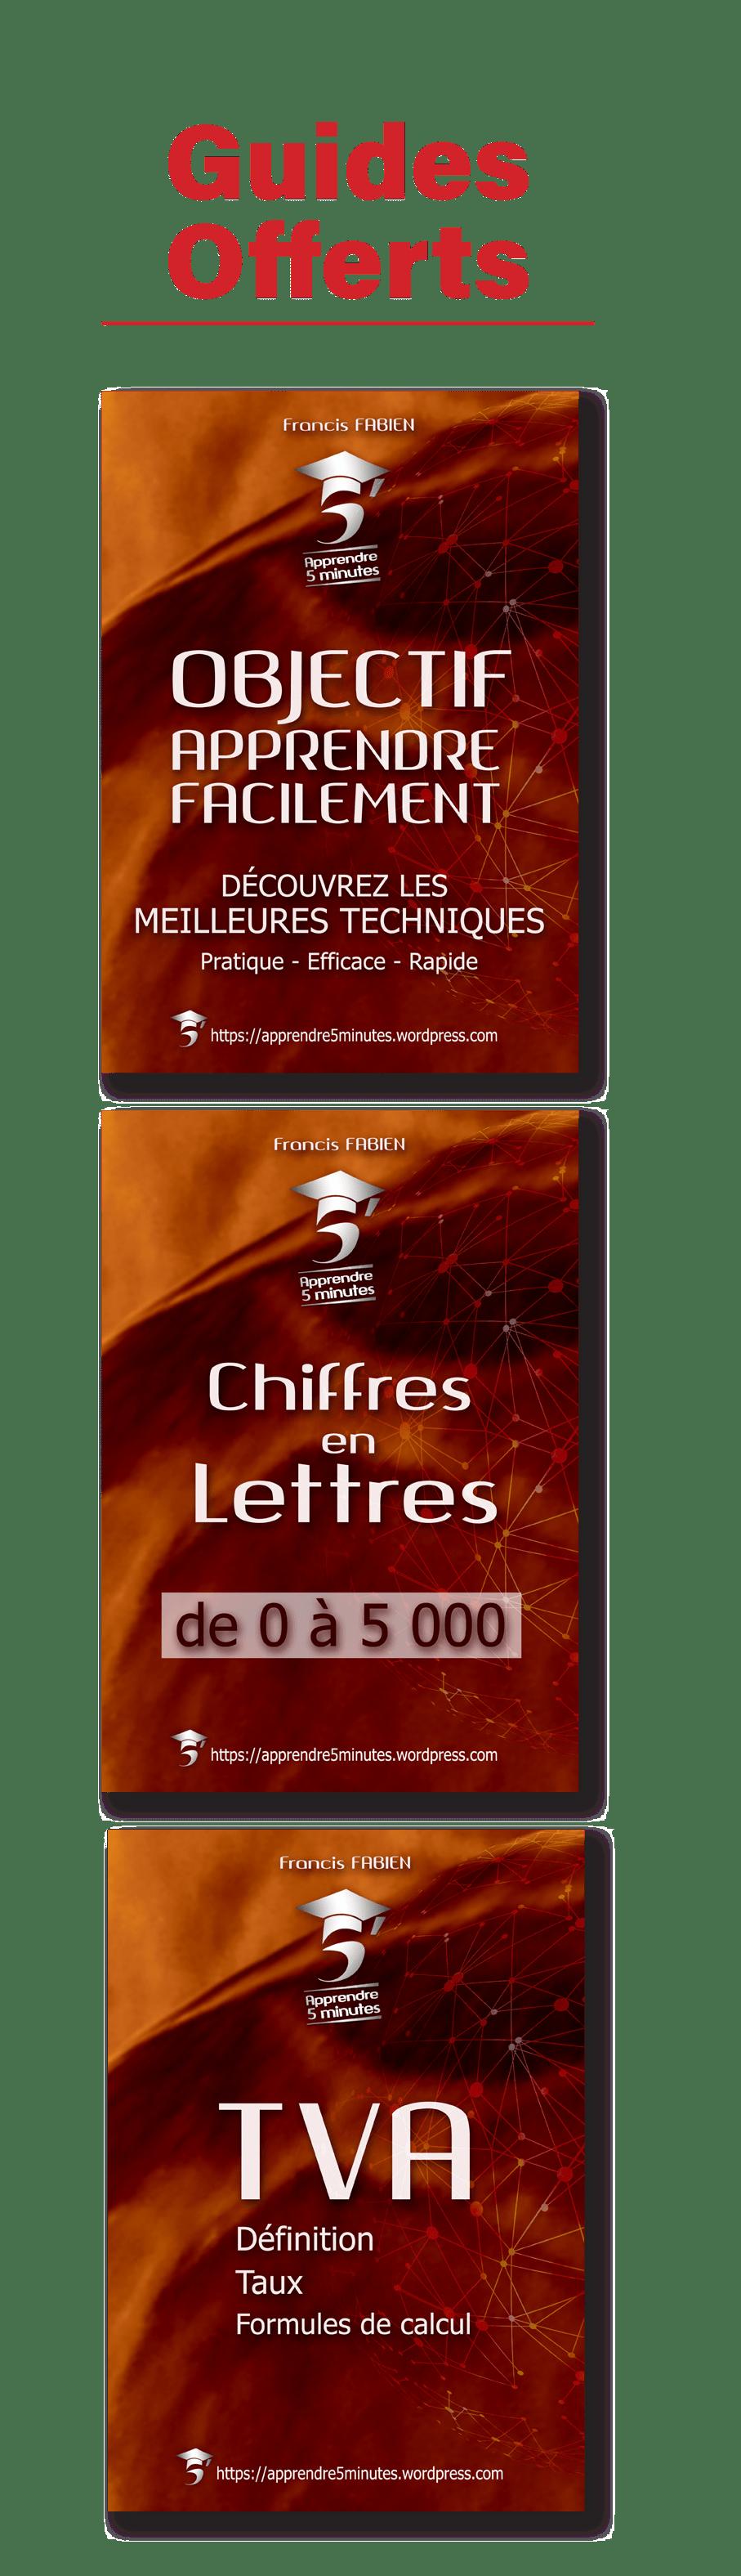 """3 E-books gratuits offerts aux abonnés : """" Objectif Apprendre facilement"""", """" TVA"""", """" Chiffres en Lettres de 0 à 5 000""""."""